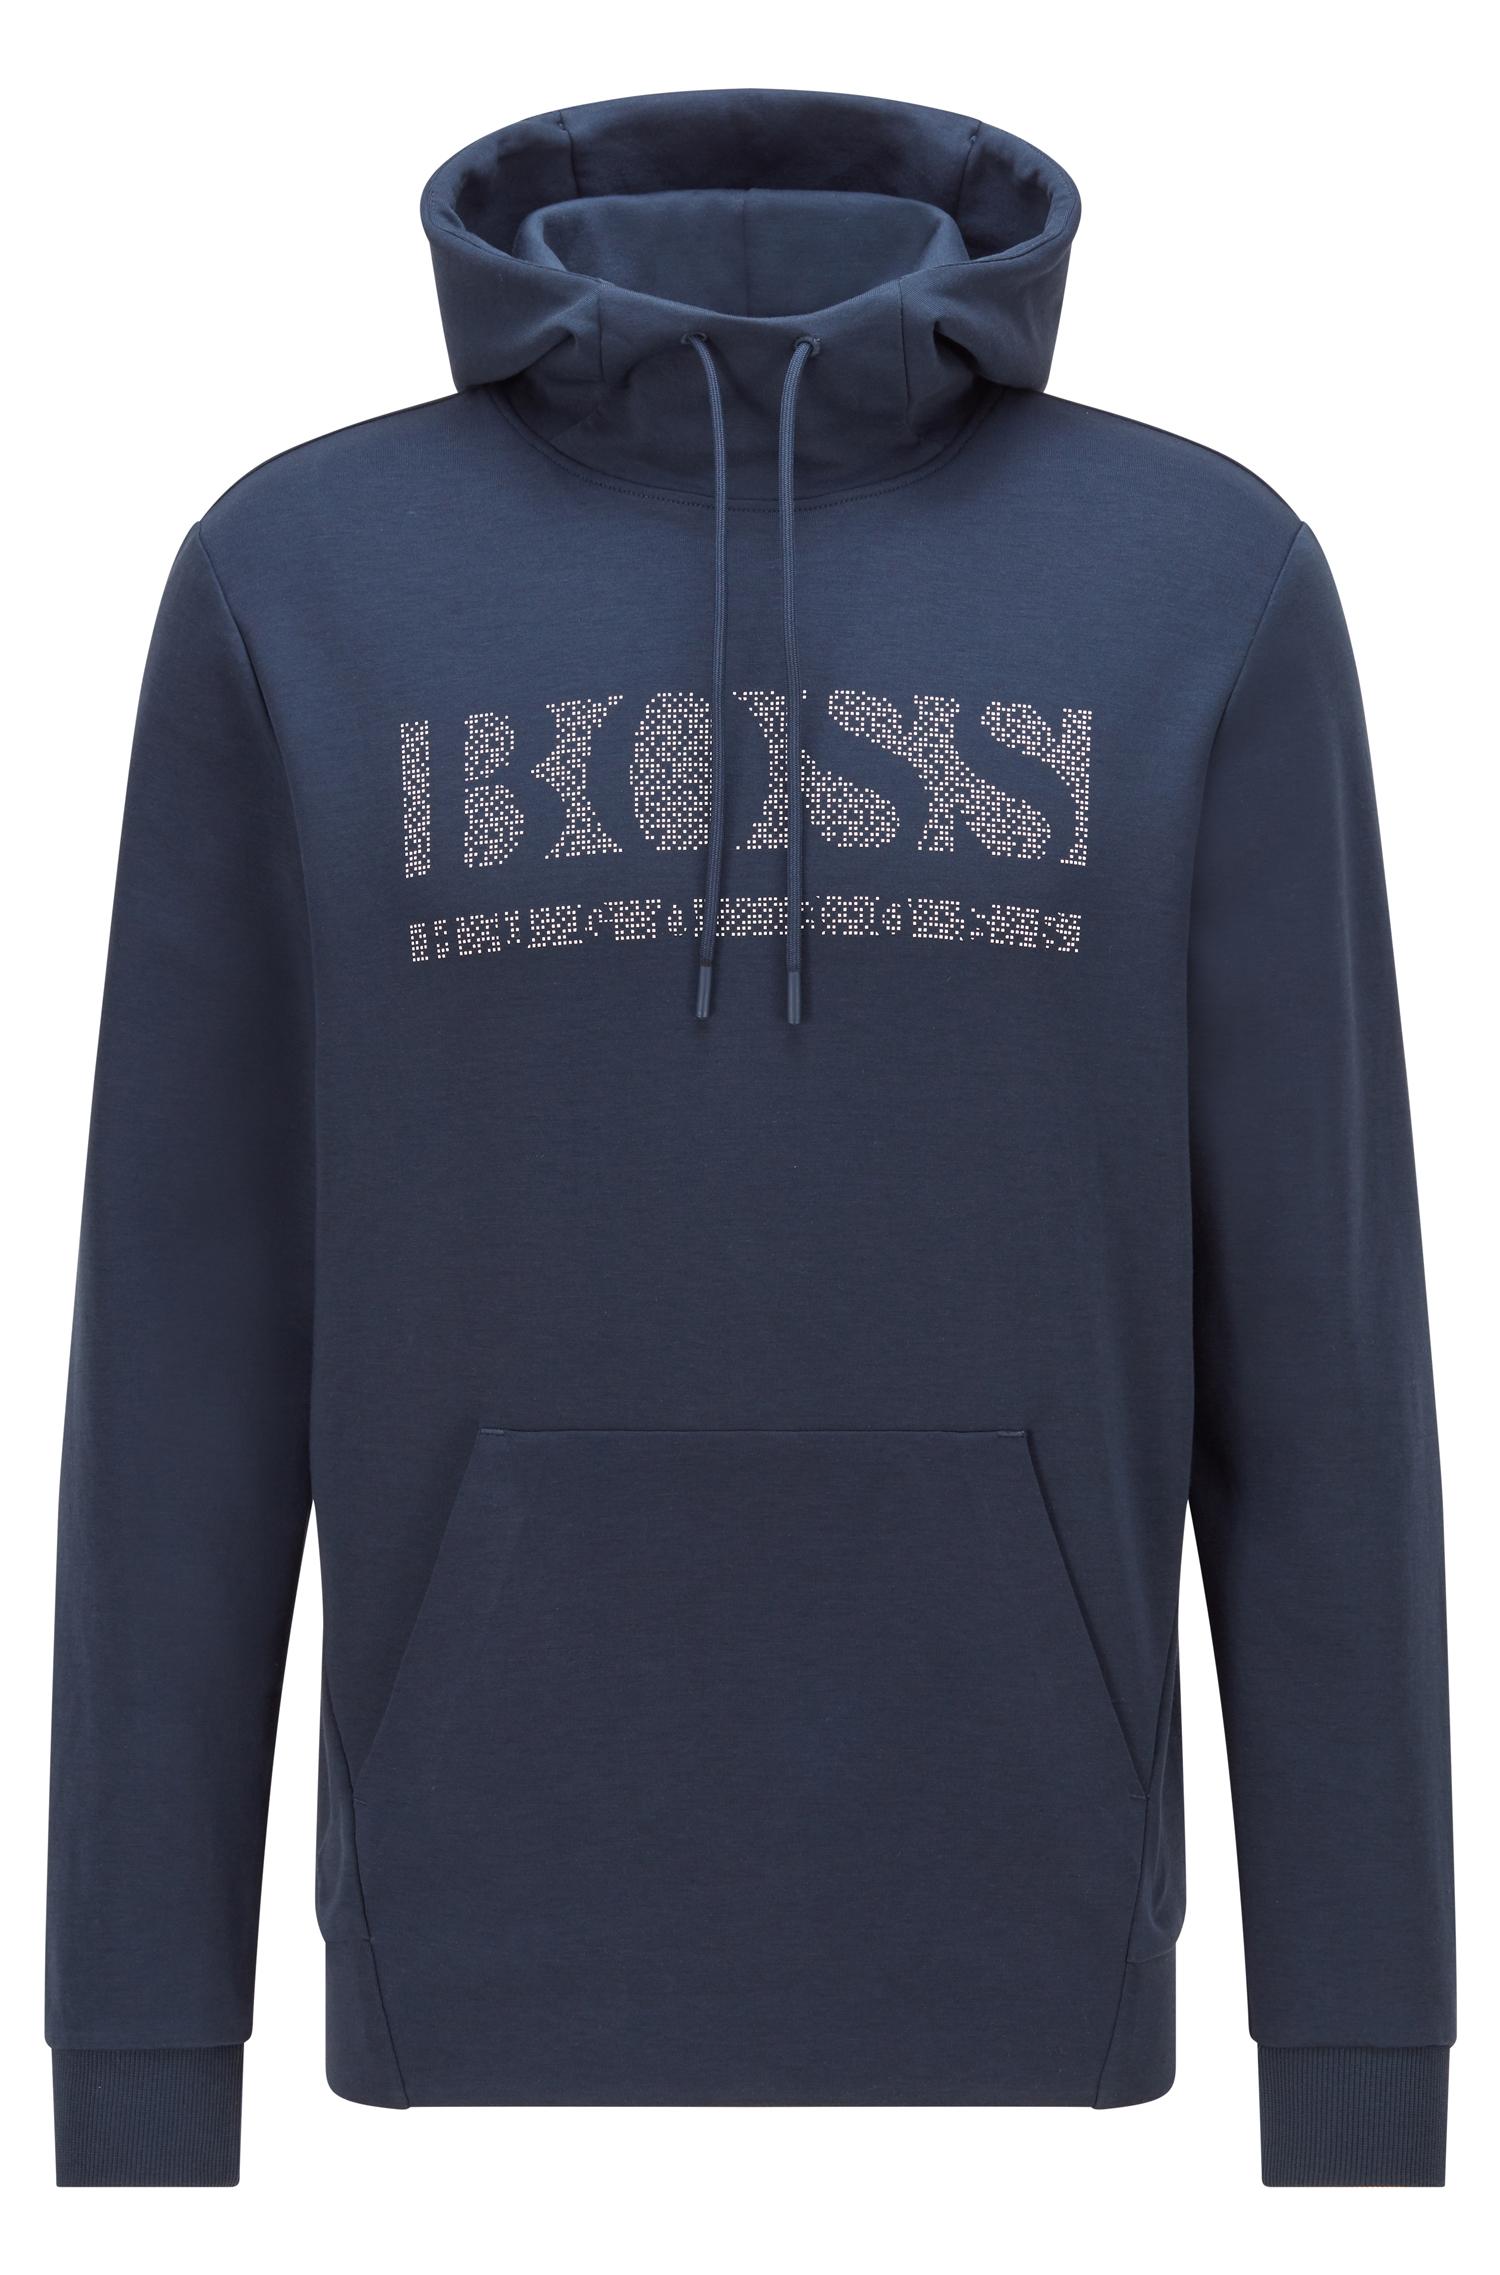 Hugo Boss Soody 2 sweatshirt, navy, xx-large